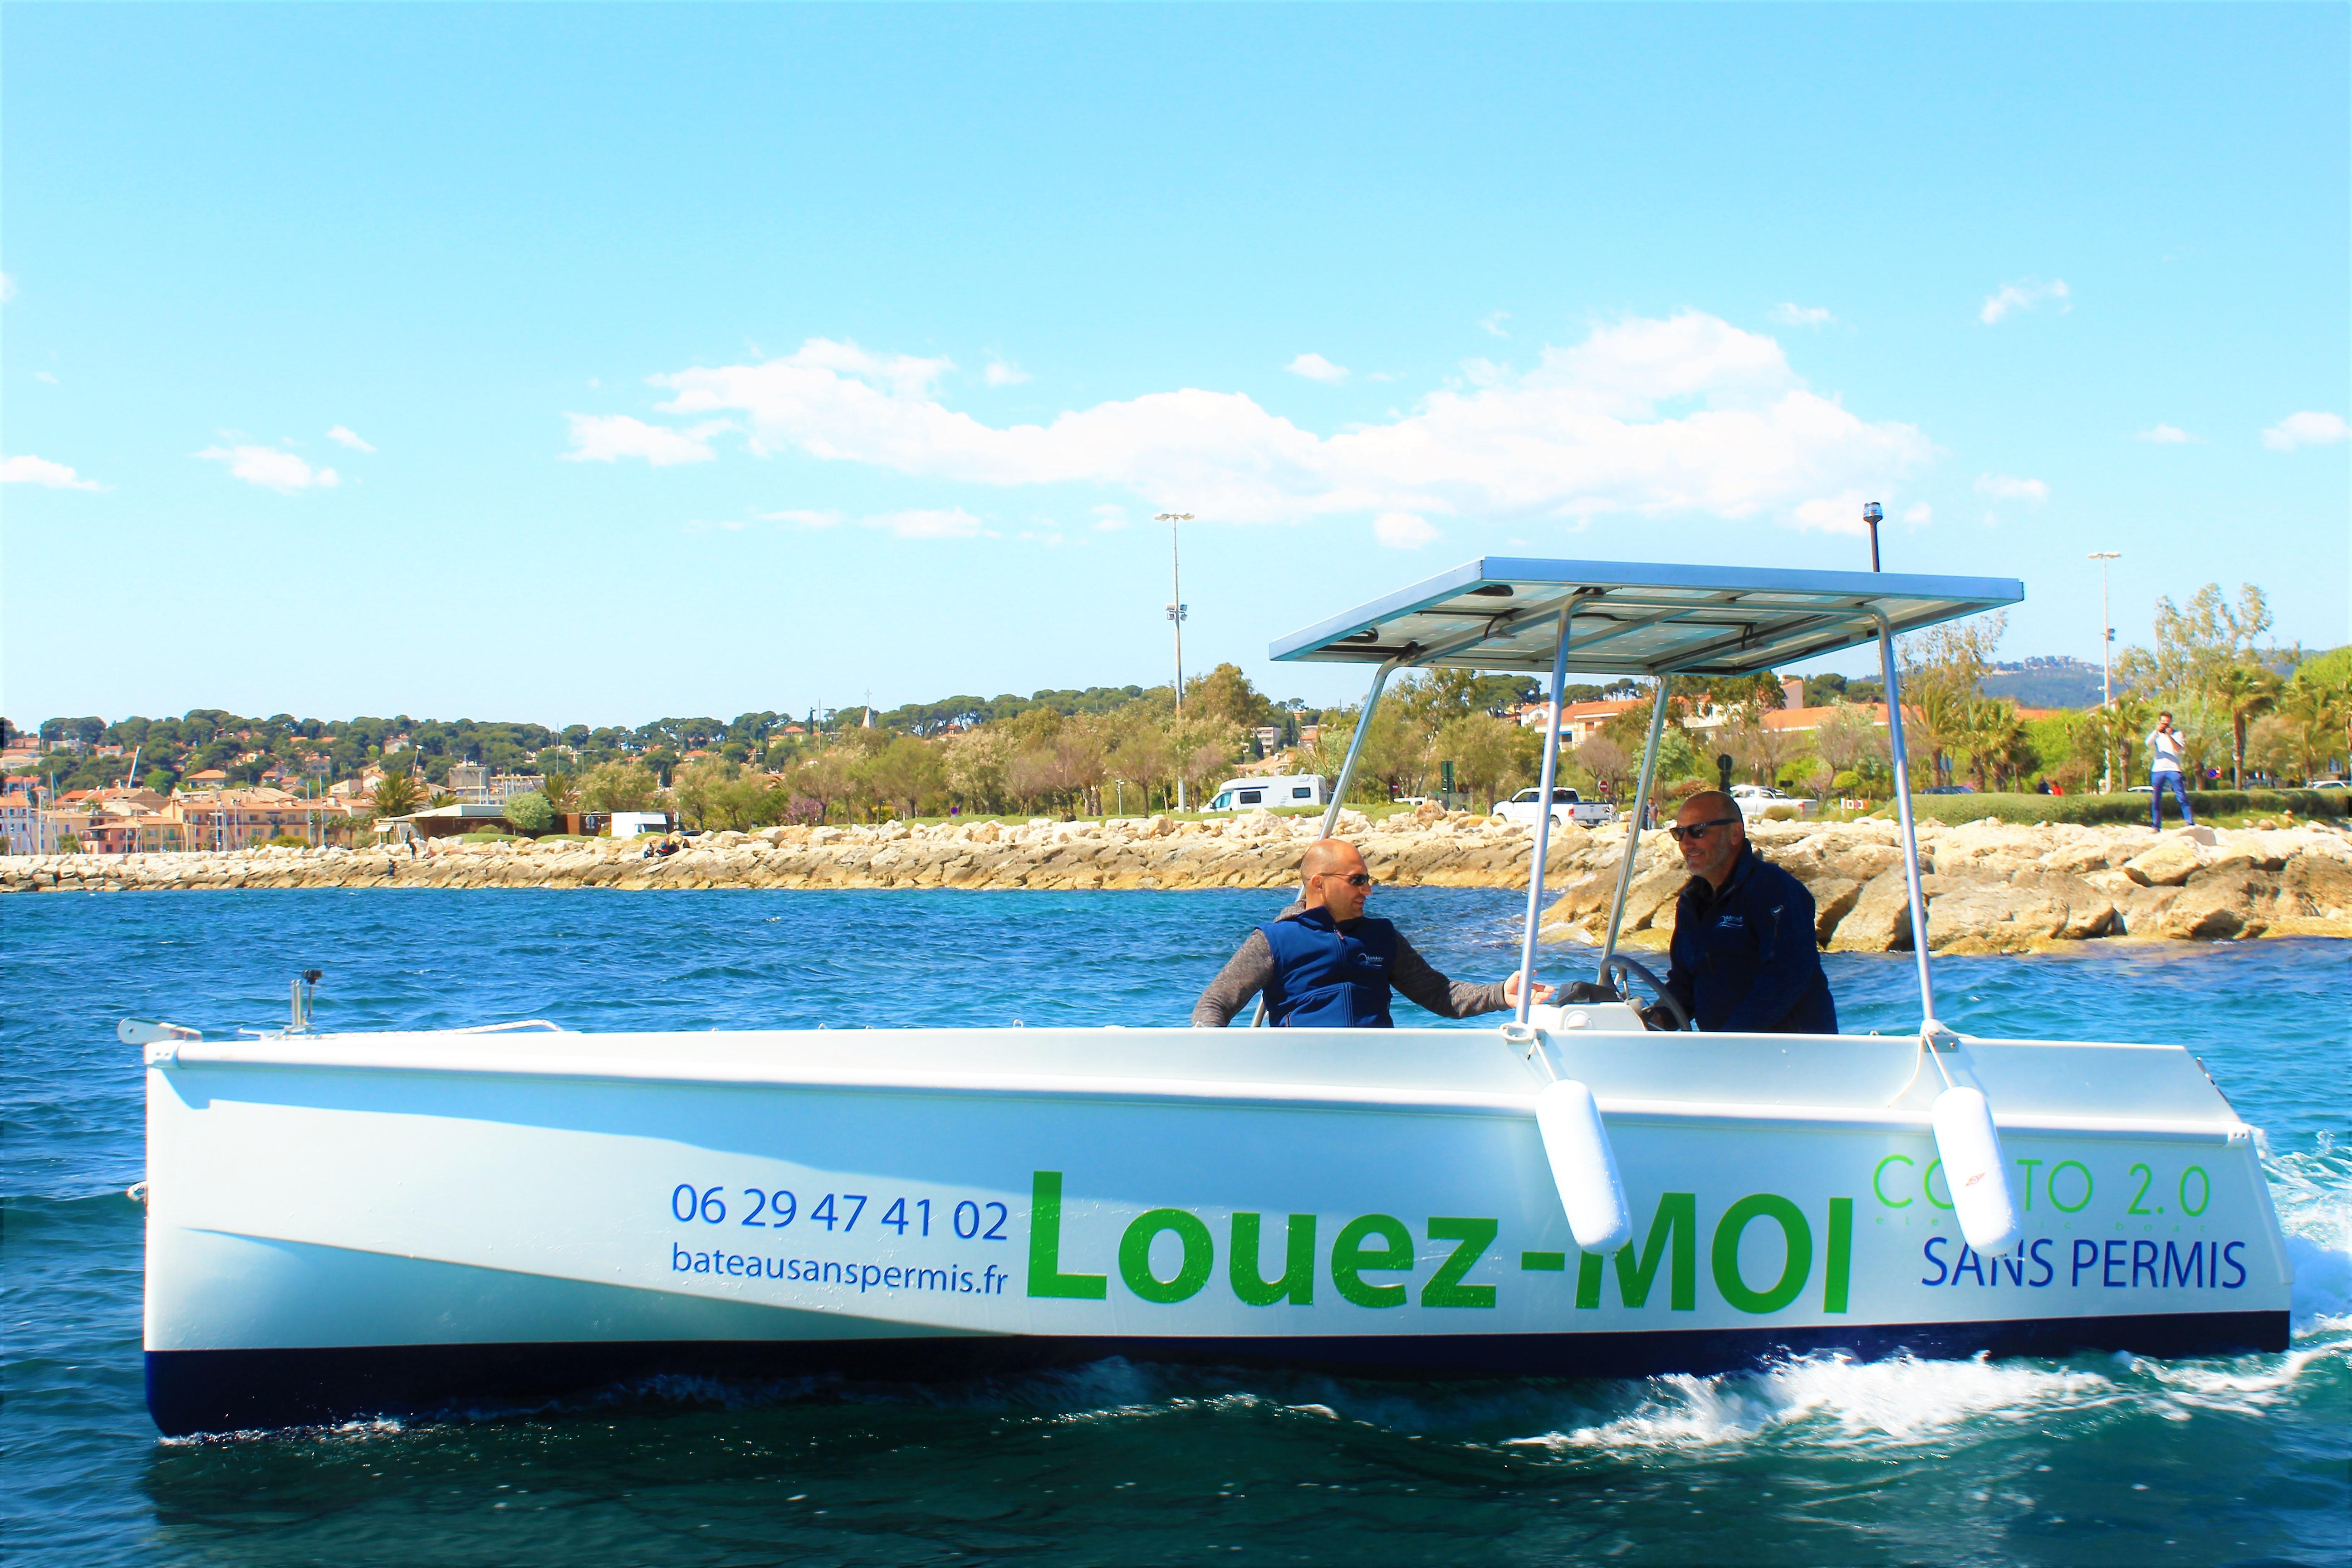 louez bateau sans permis à Sanary